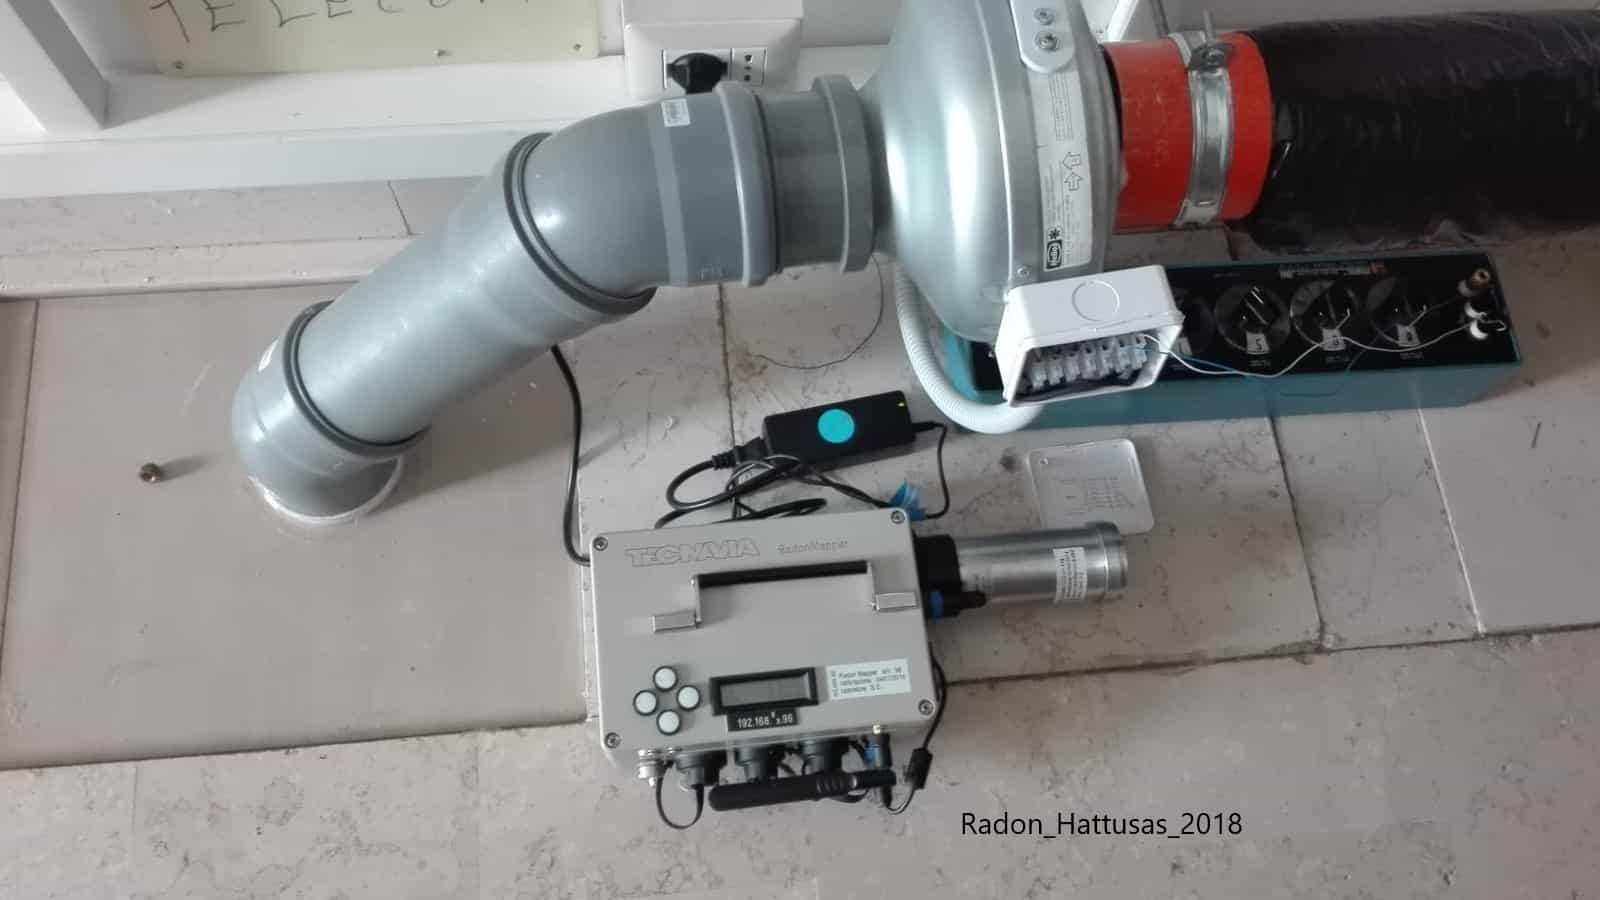 Hattusas - Radon - Tecniche di Risanamento e Bonifica - Sistema di ventilazione forzata del vespaio per bonifica gas radon